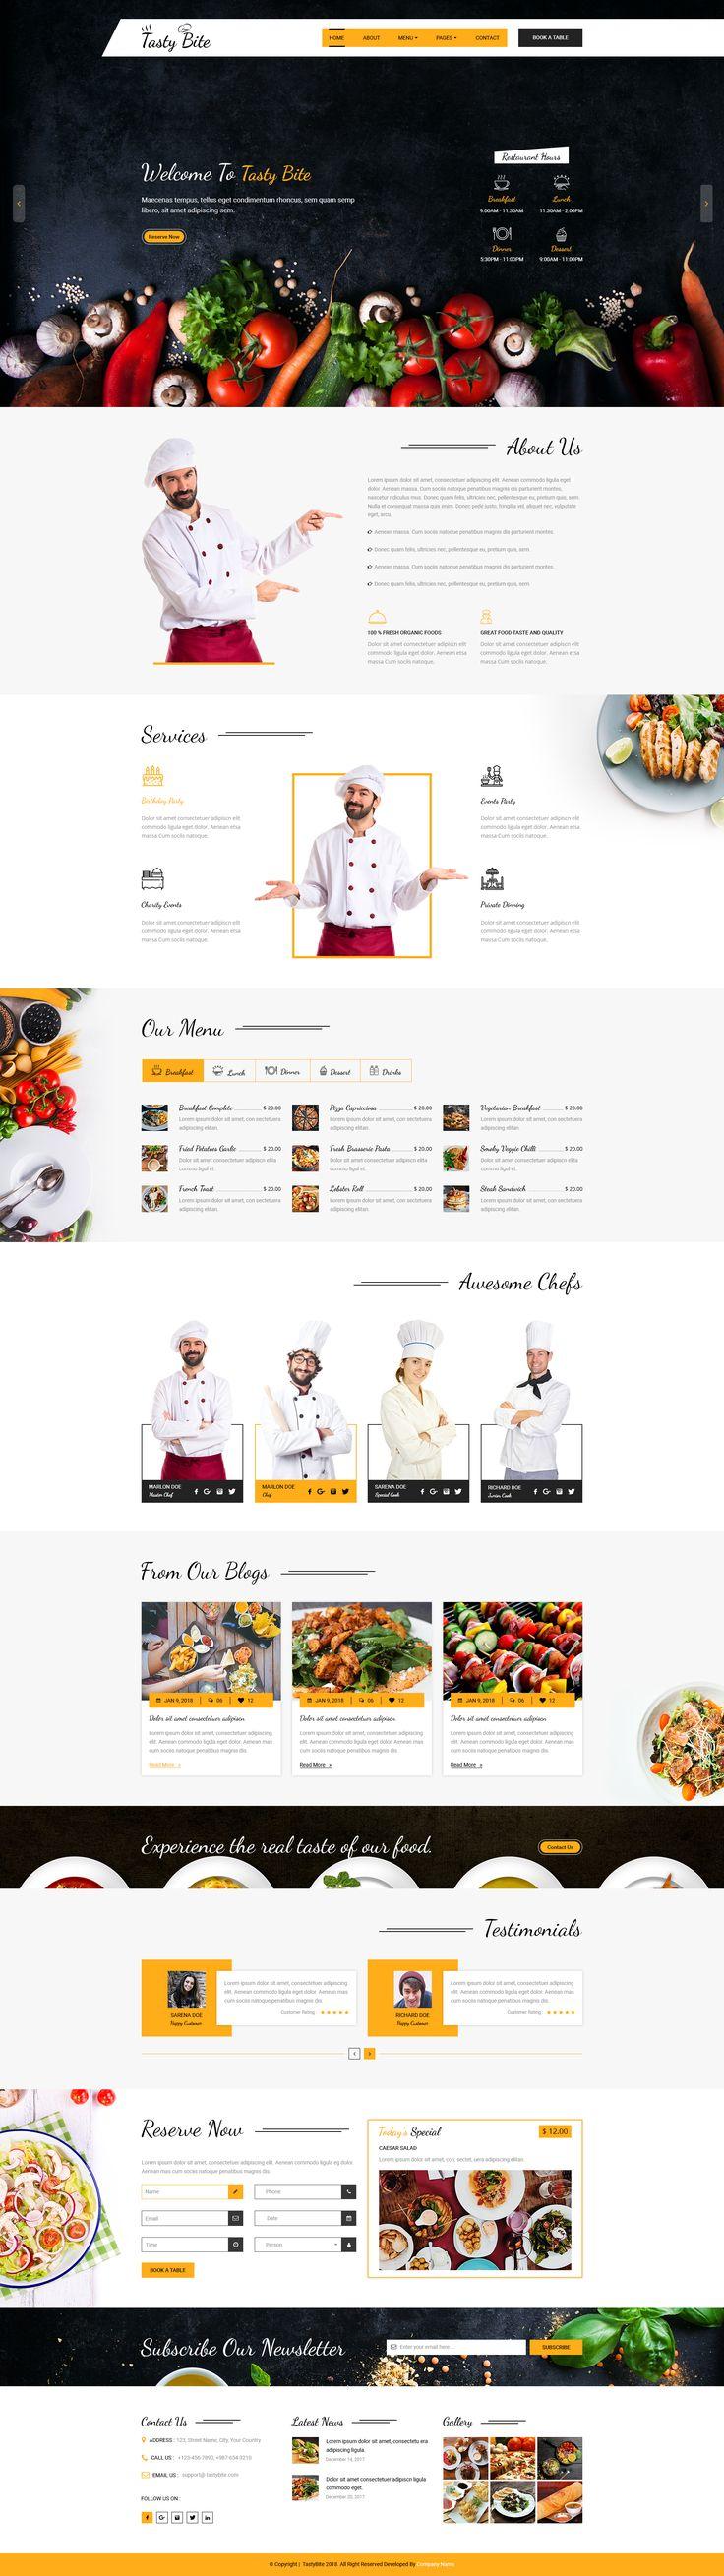 TASTYBITE Food Restaurant PSD Template by dazzlersoft | ThemeForest